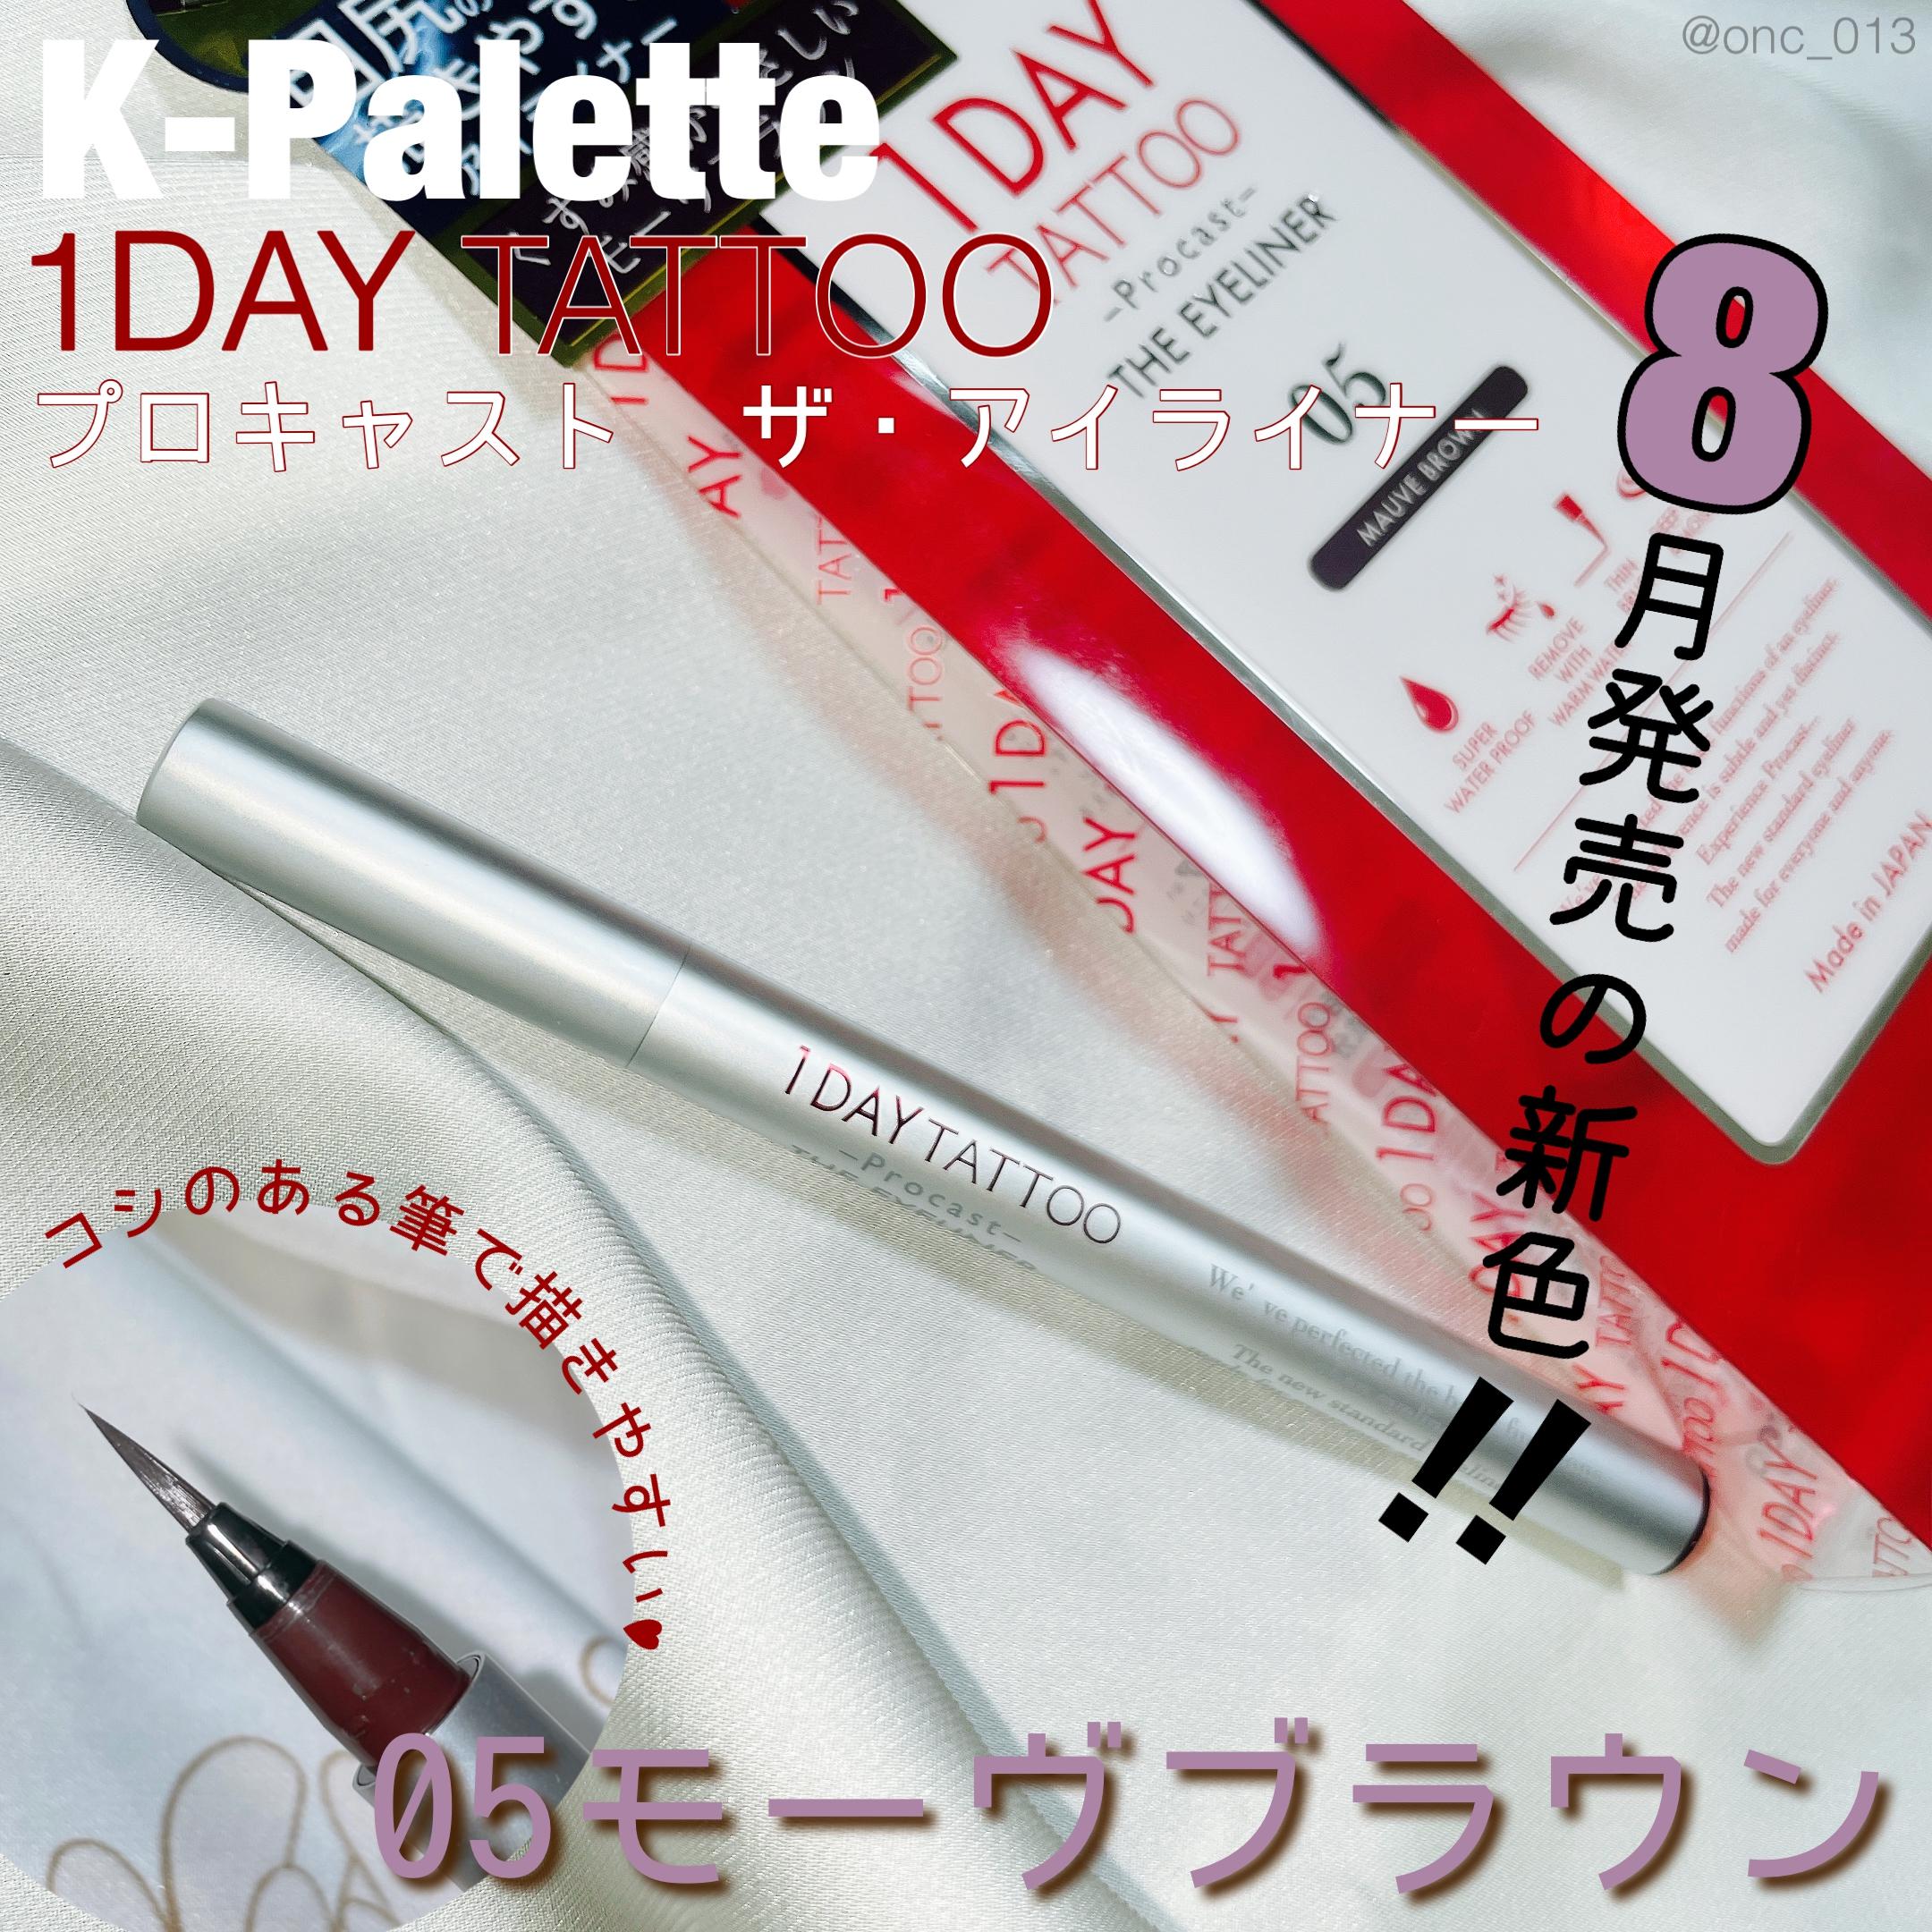 K-Palette(K-パレット) 1DAY TATTOO プロキャスト ザ・アイライナーの良い点・メリットに関するかぴさんの口コミ画像2